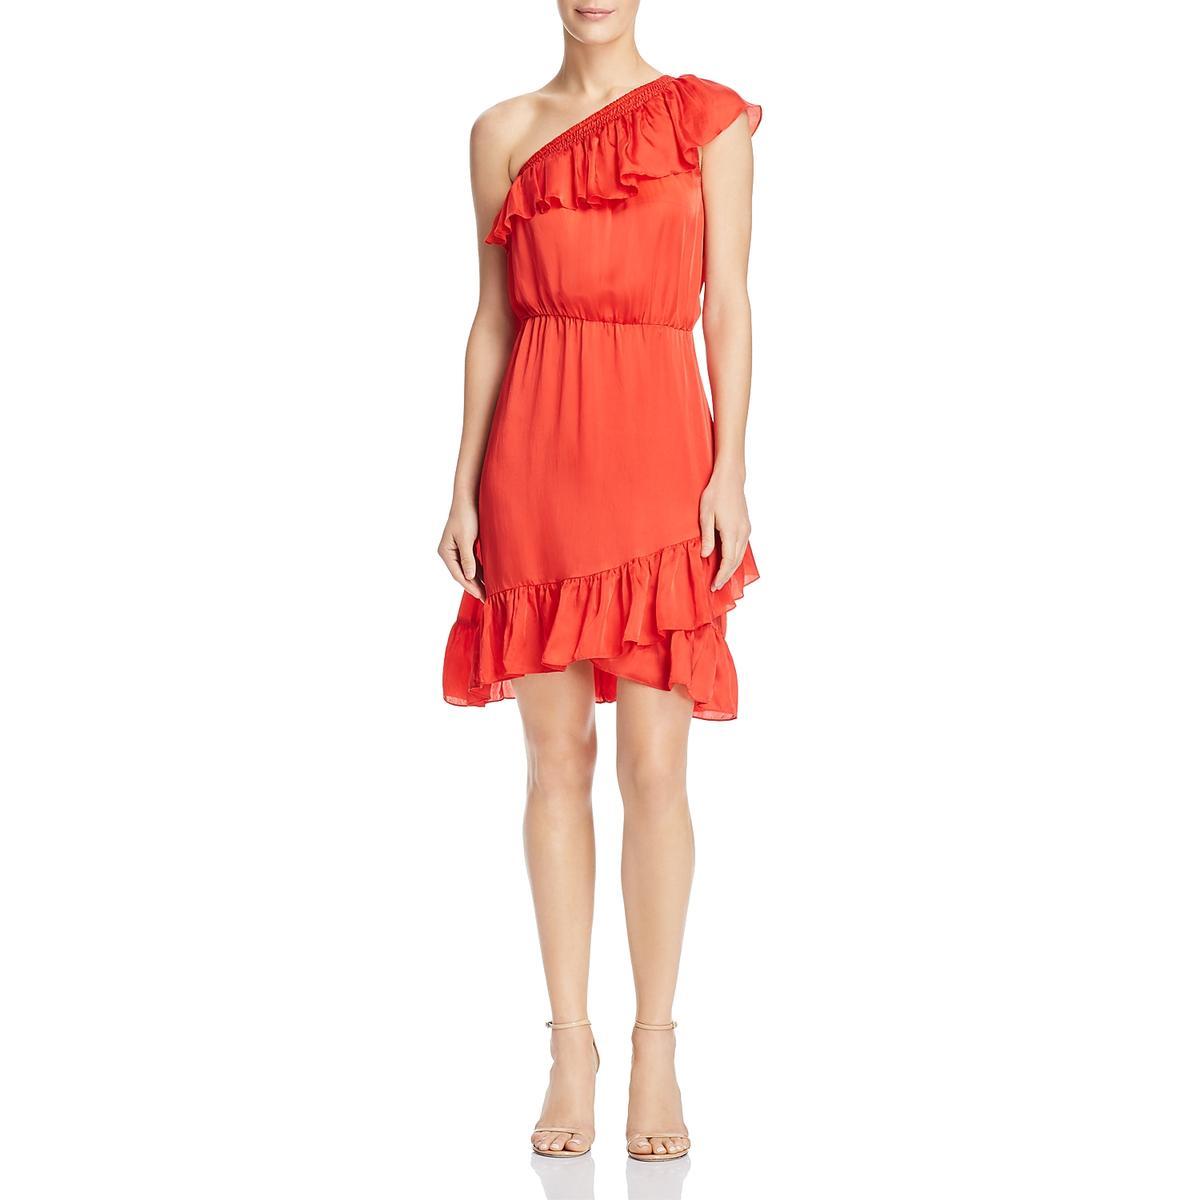 Aqua Womens Ruffled Cold Shoulder Knee-Length Cocktail Dress BHFO 8945